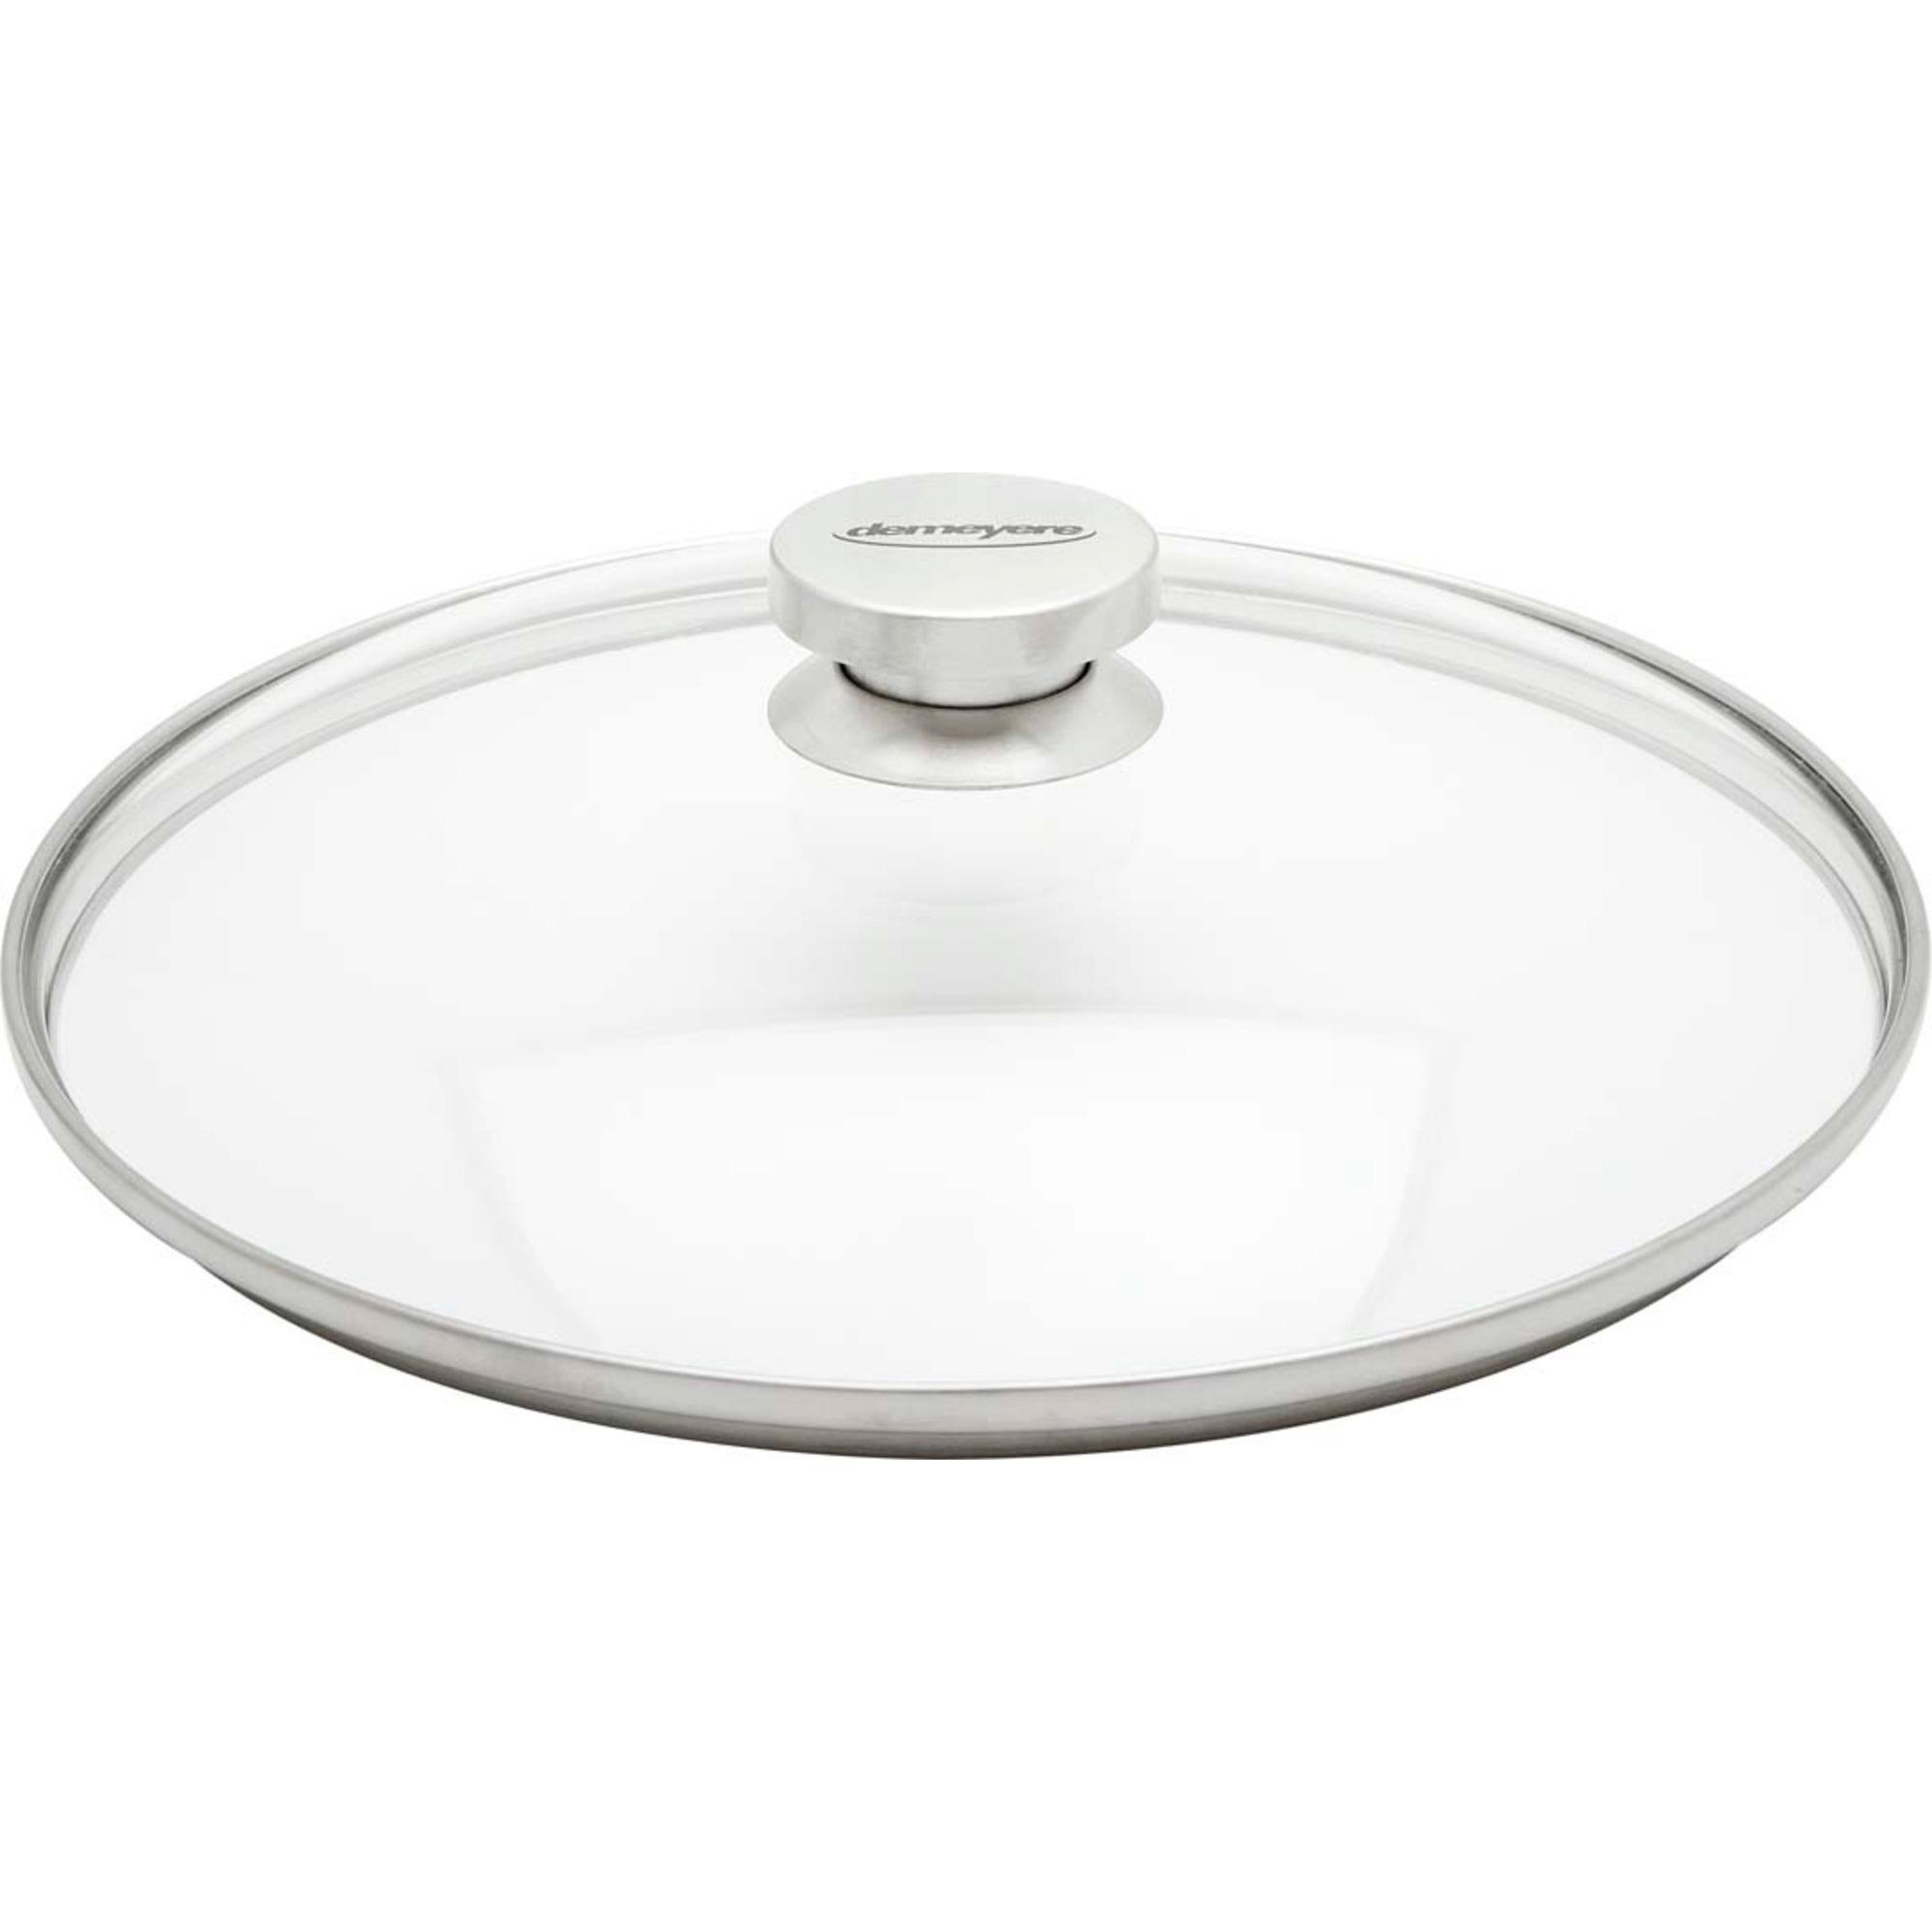 Demeyere Specialties Lock 18 cm Glas med Stålknopp